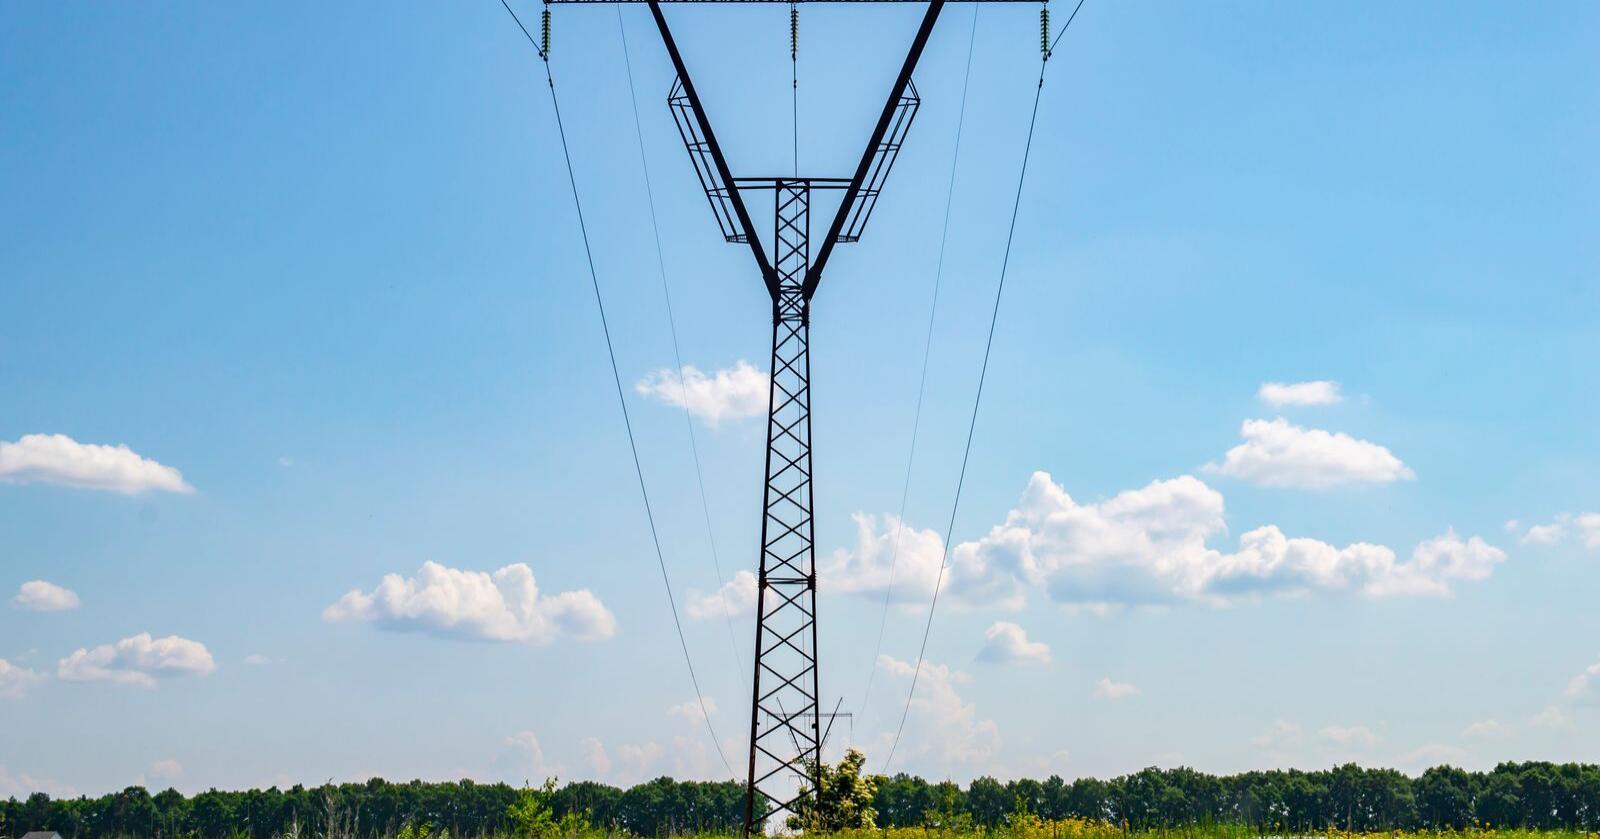 Mer elektrisitet: Vår ambisjon er at Norge skal være Europas ledende energinasjon - også i en nær fremtid hvor vi har kuttet utslippene og sluttet å eksportere fossil energi, skriver innsenderen. Foto: Mostphotos